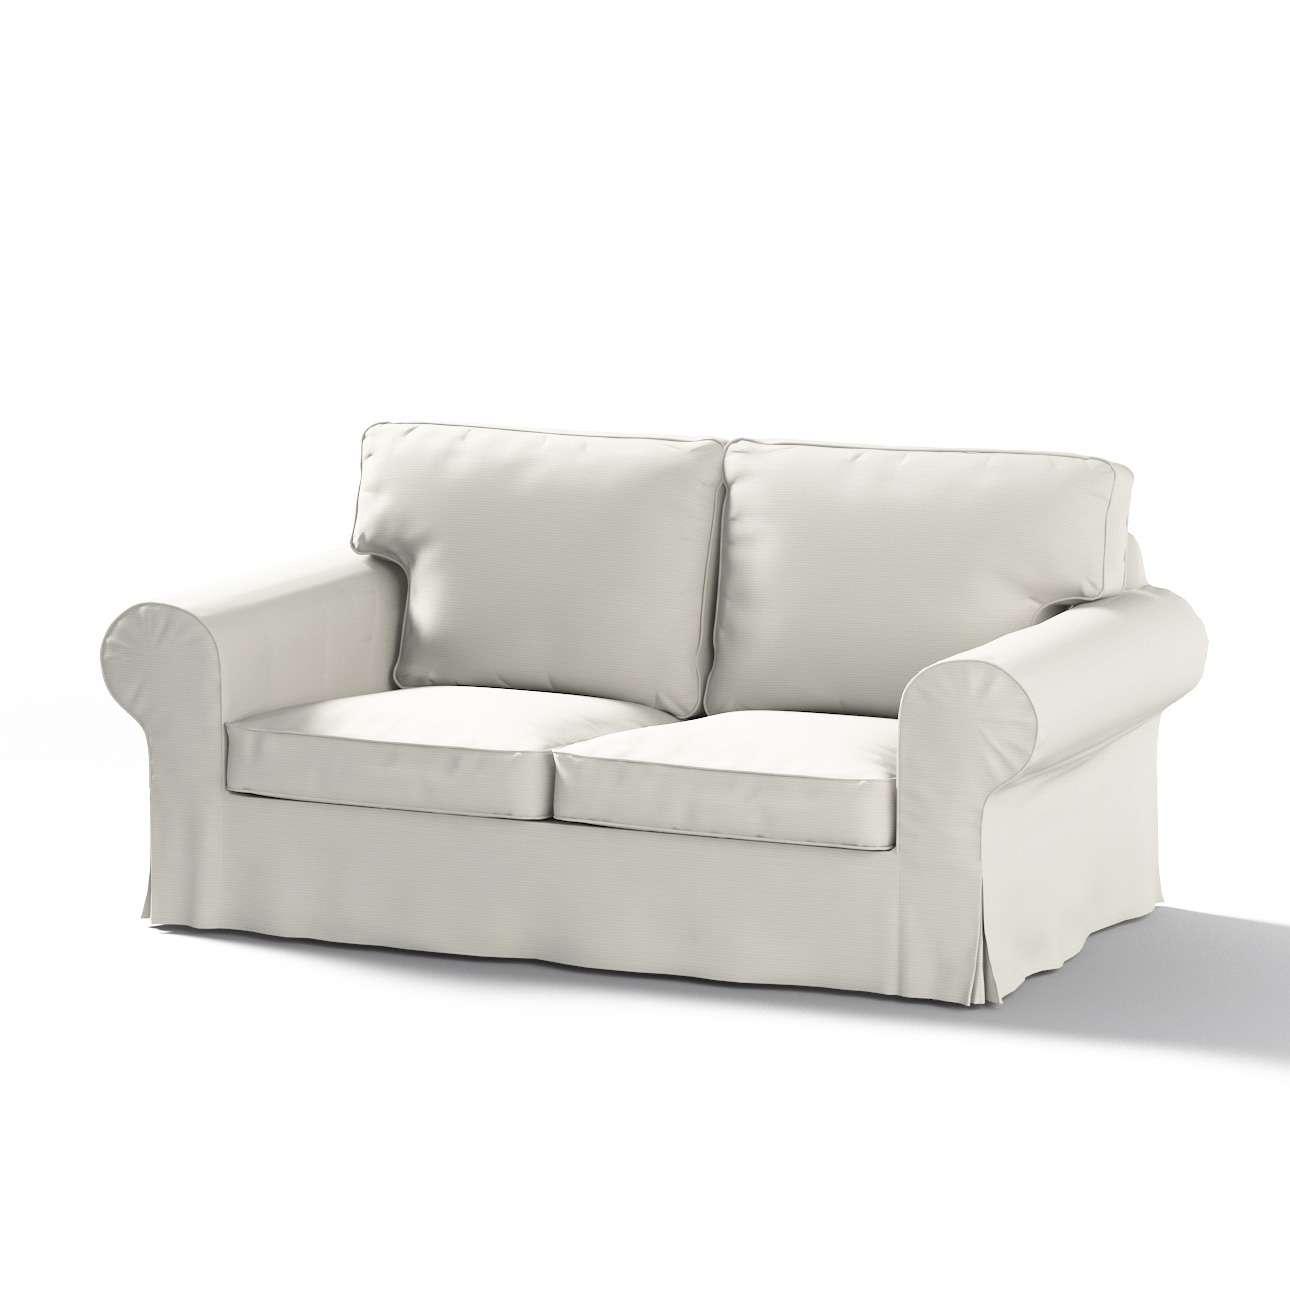 Potah na pohovku IKEA  Ektorp 2-místná, nerozkládací pohovka Ektorp 2-místná v kolekci Cotton Panama, látka: 702-31